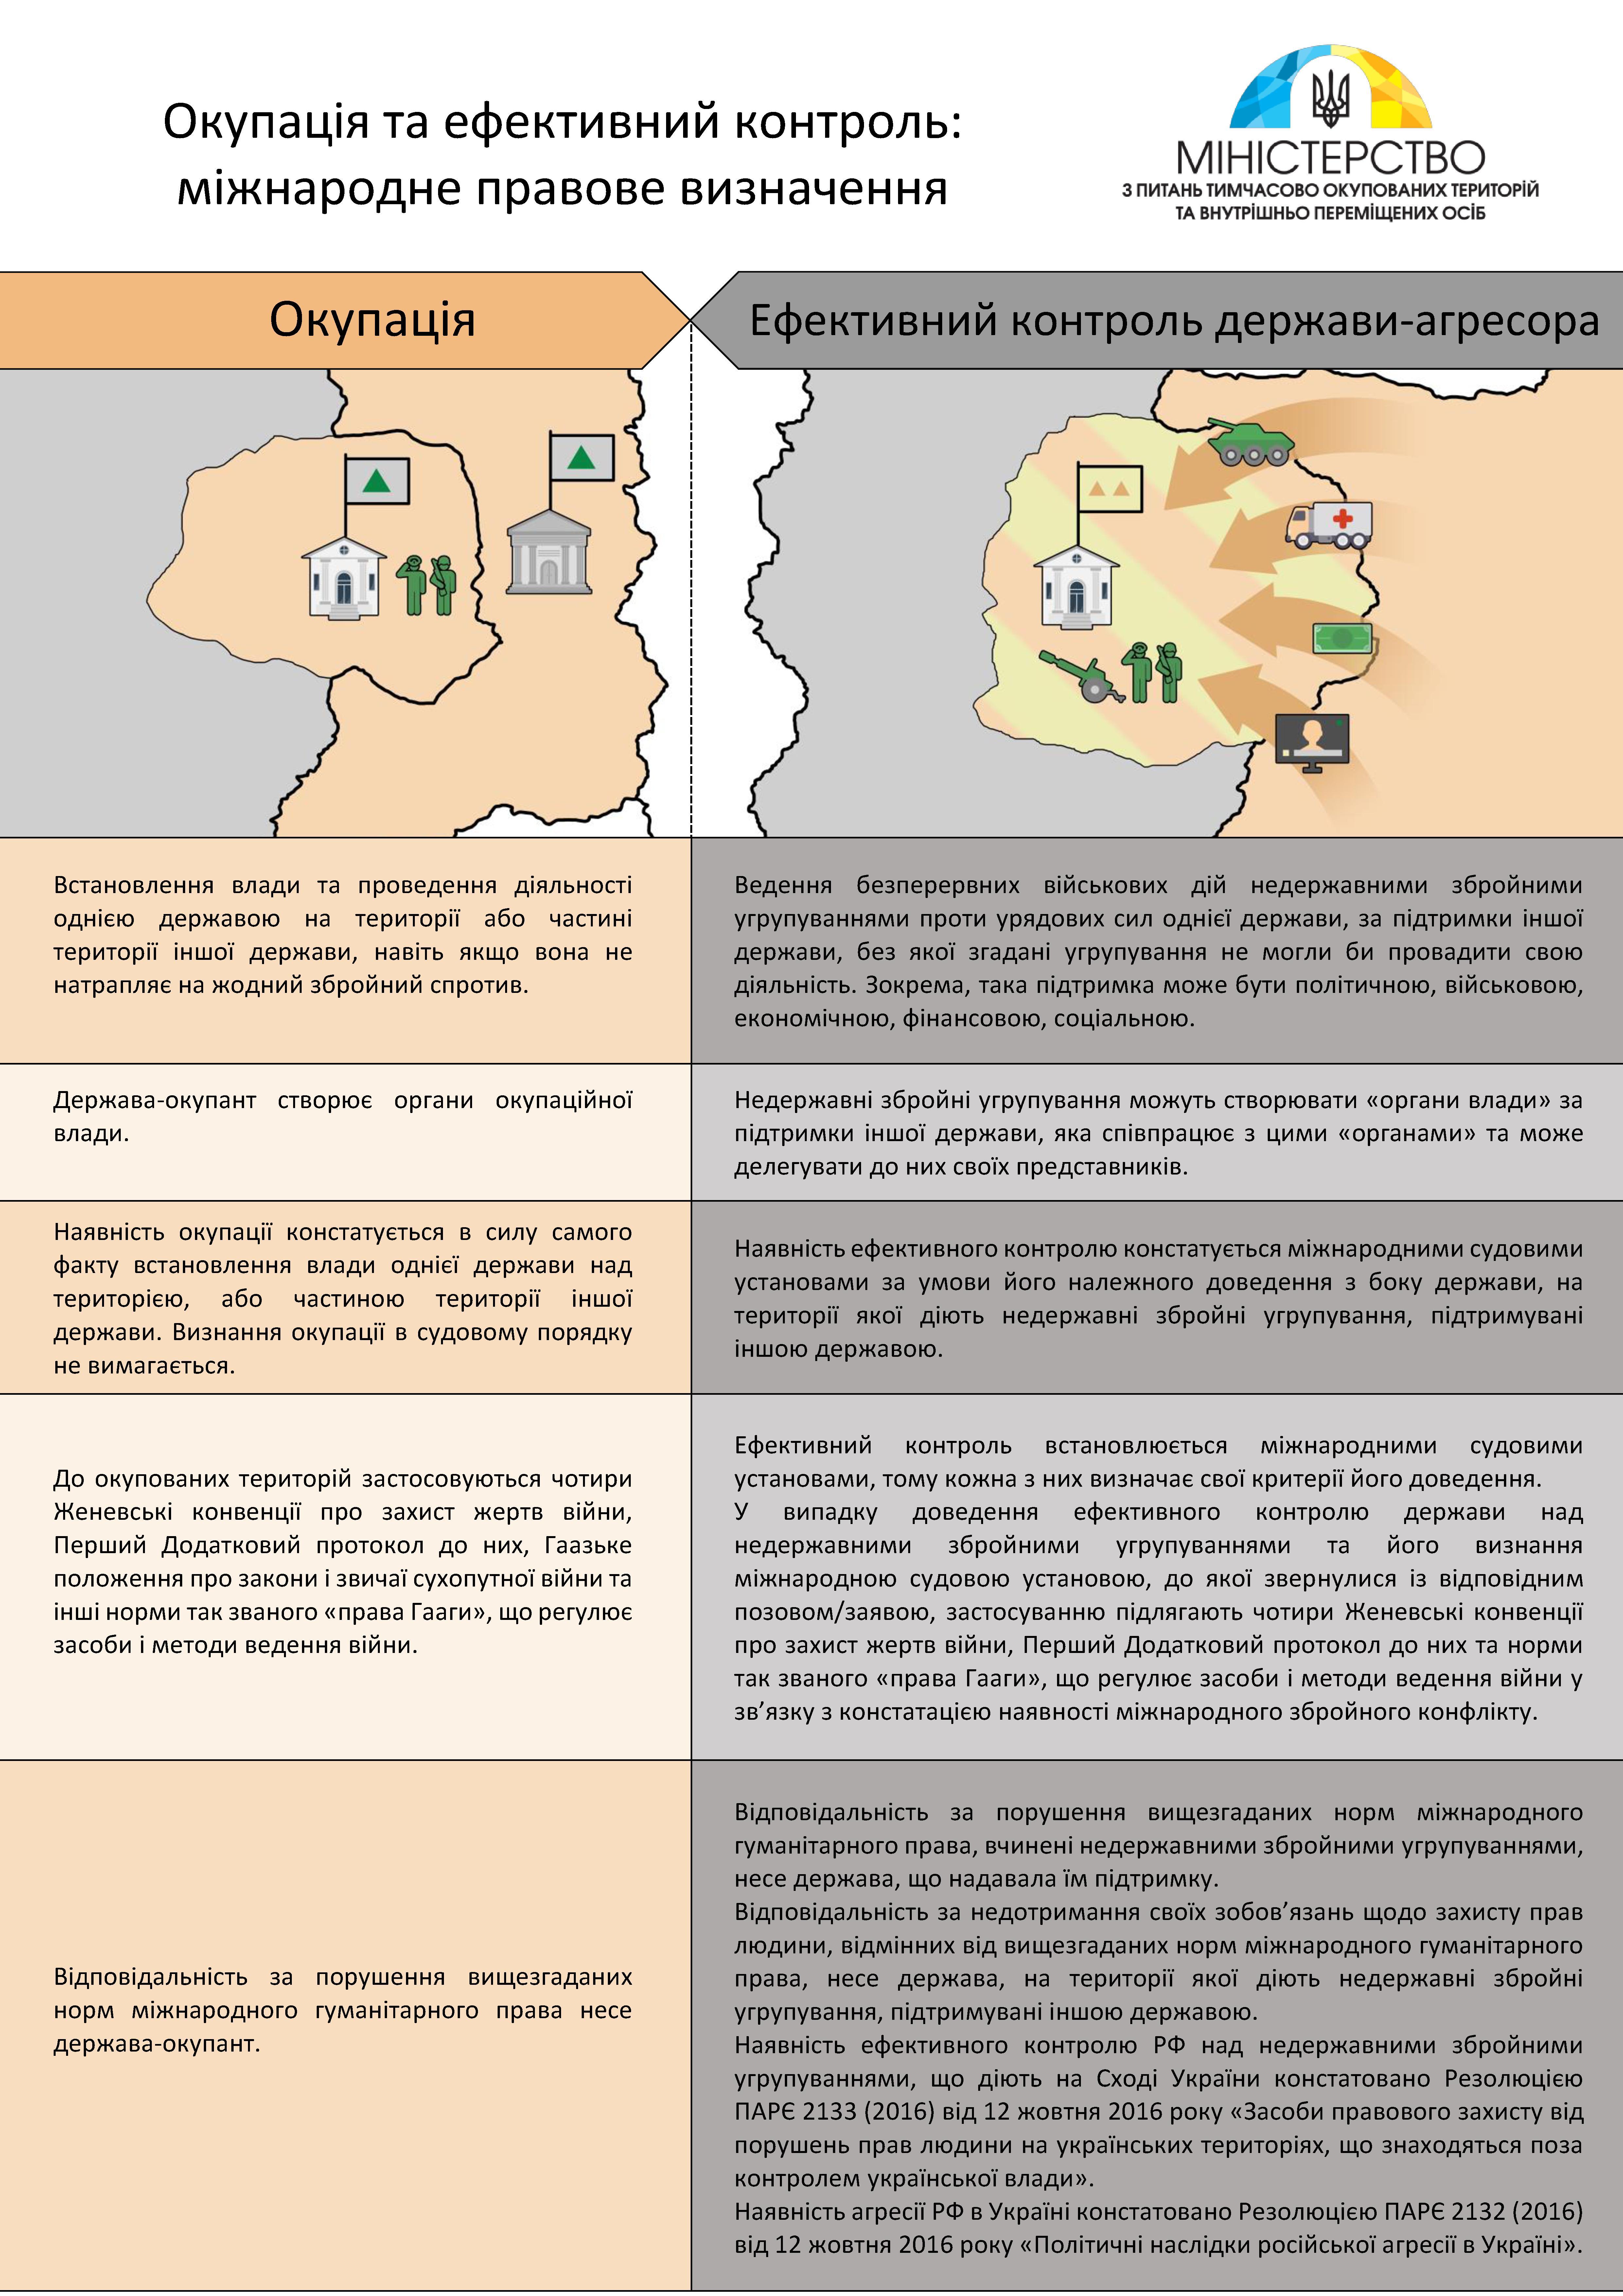 2_Окупація та ефективний контроль